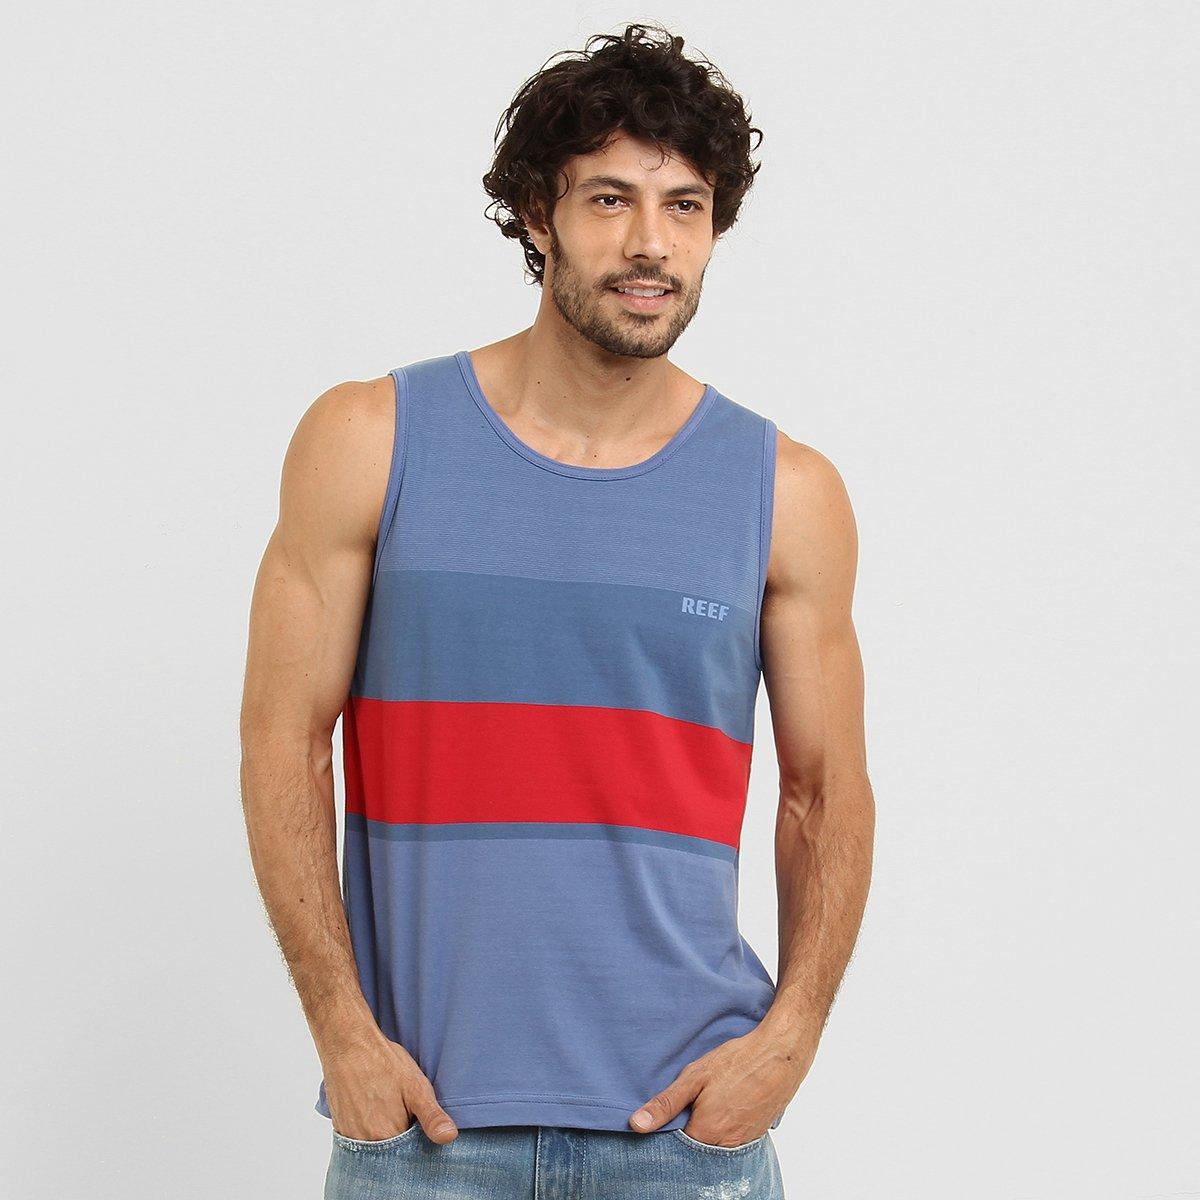 Camiseta Regata Especial Reef Projector